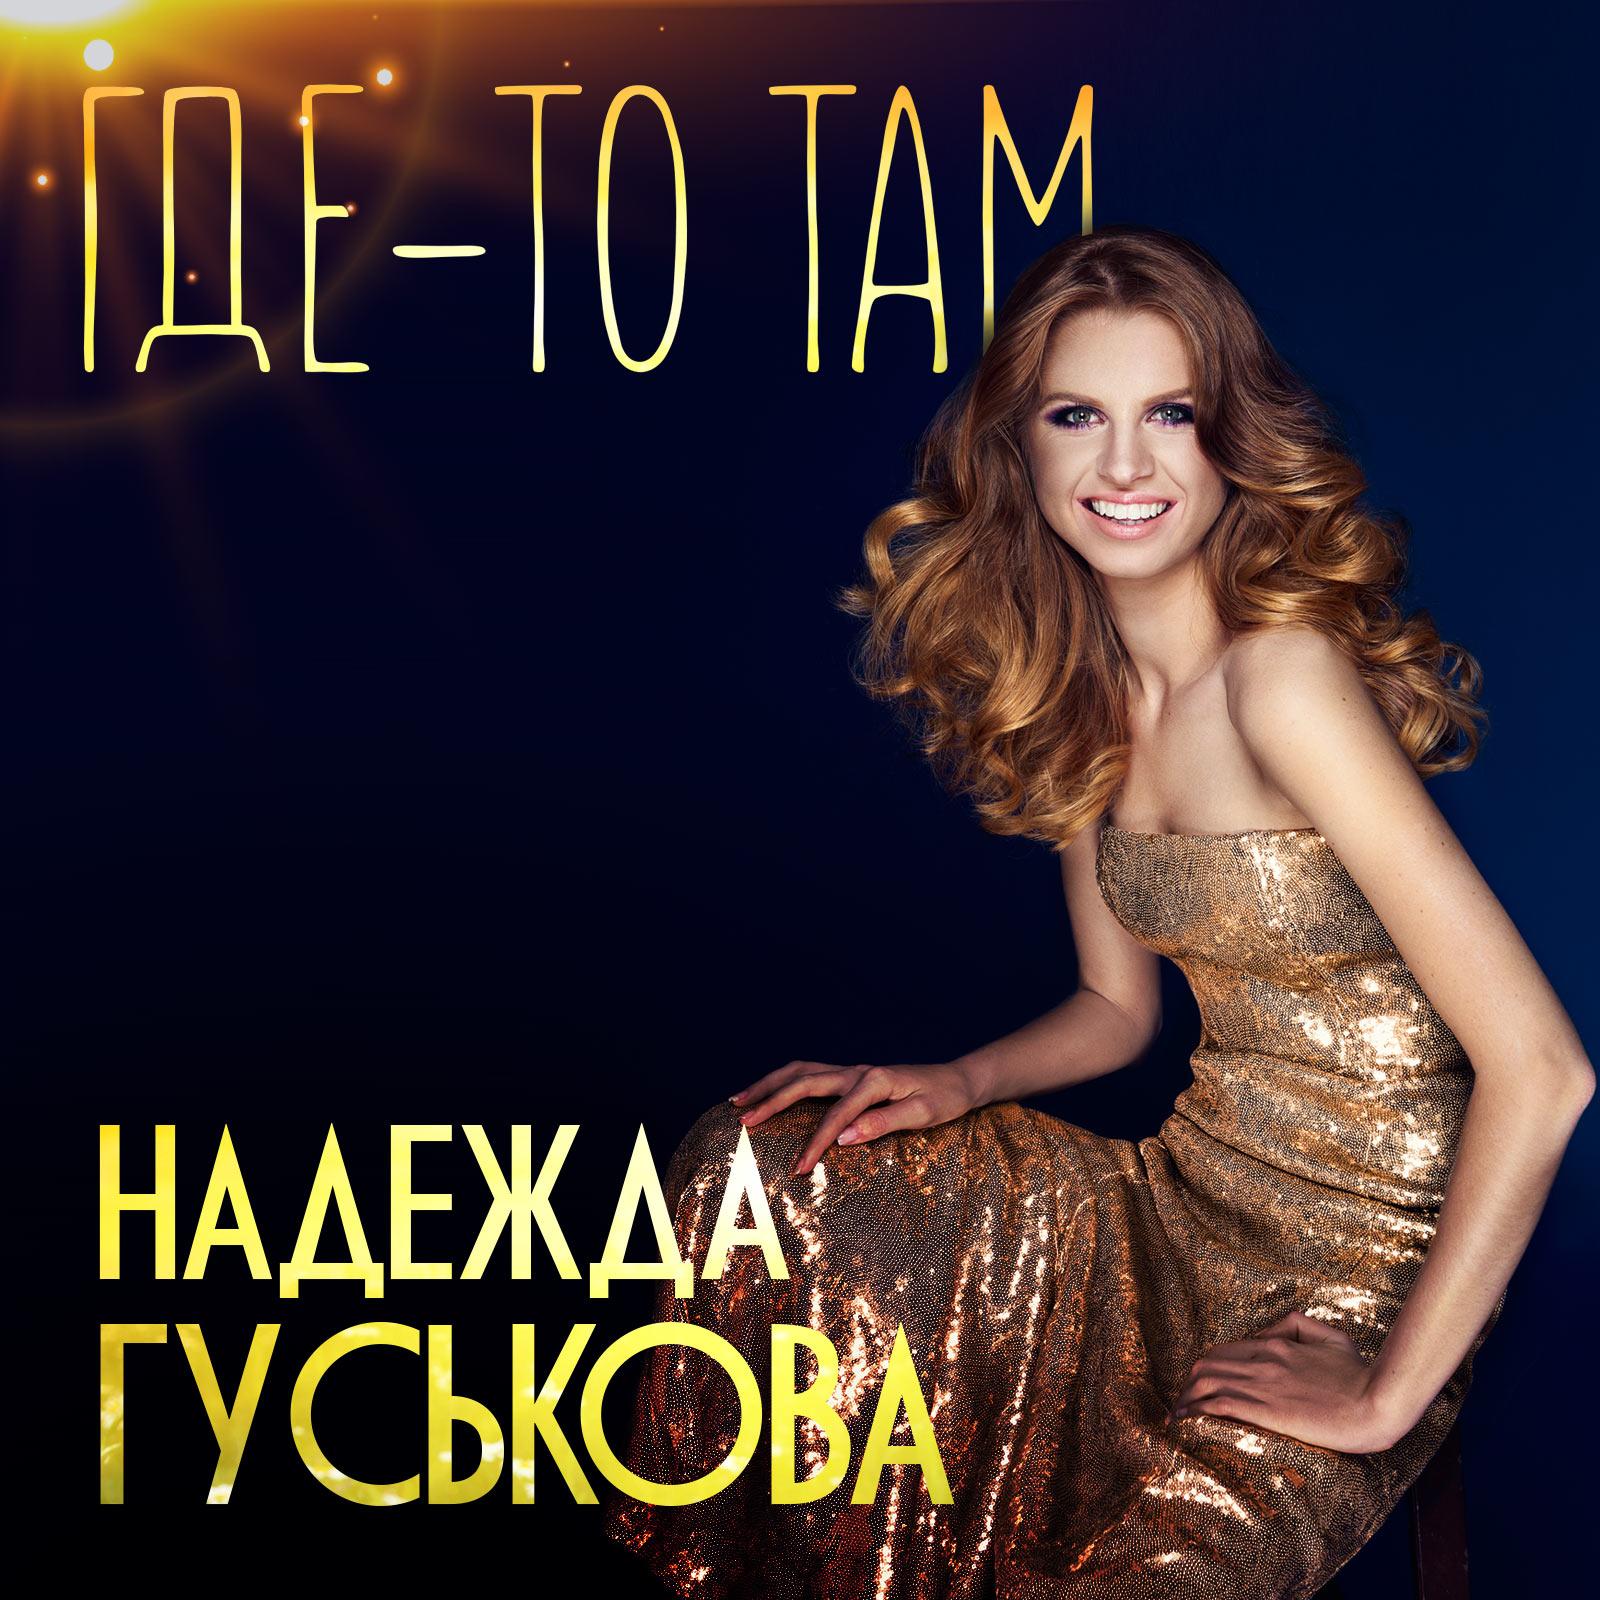 Двукратная чемпионка России Надежда Гуськова выпускает новый сингл!